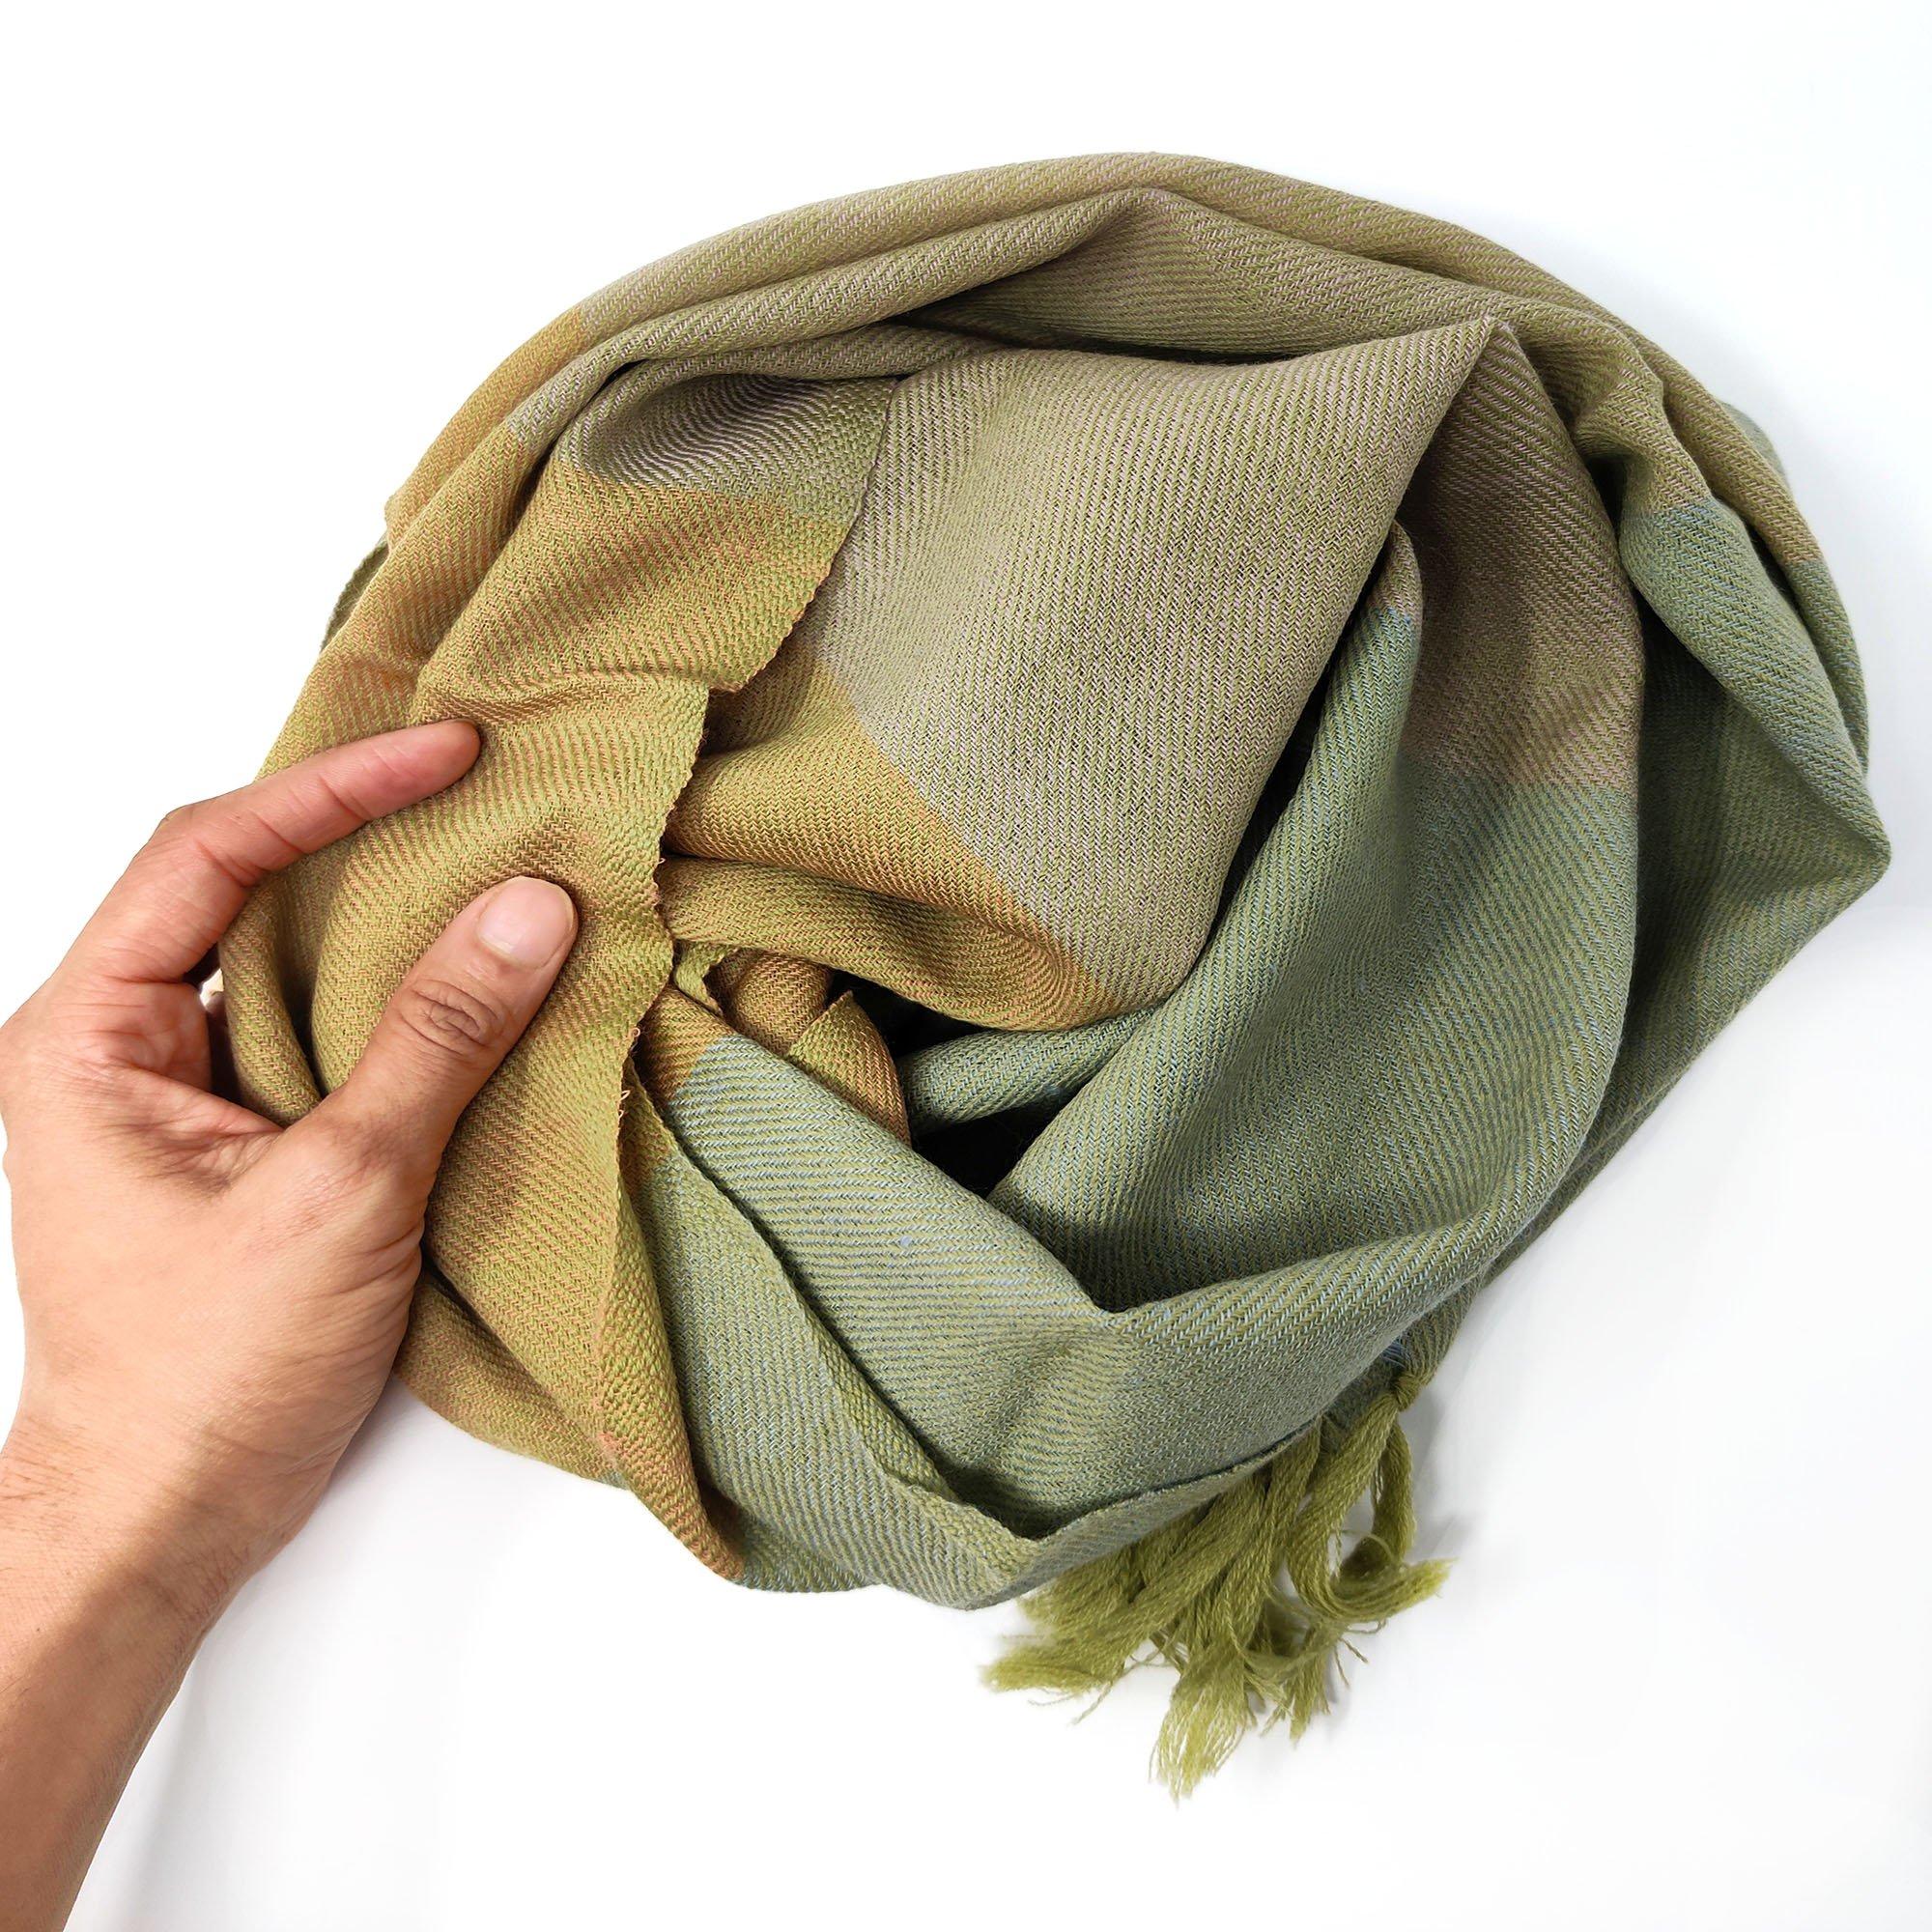 scarf2 edit